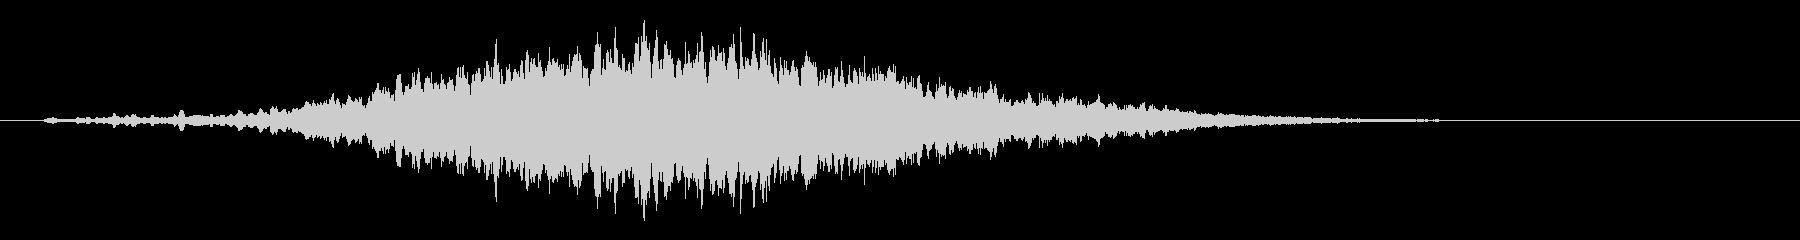 ME心理コード2(浮遊感・アンビエント)の未再生の波形